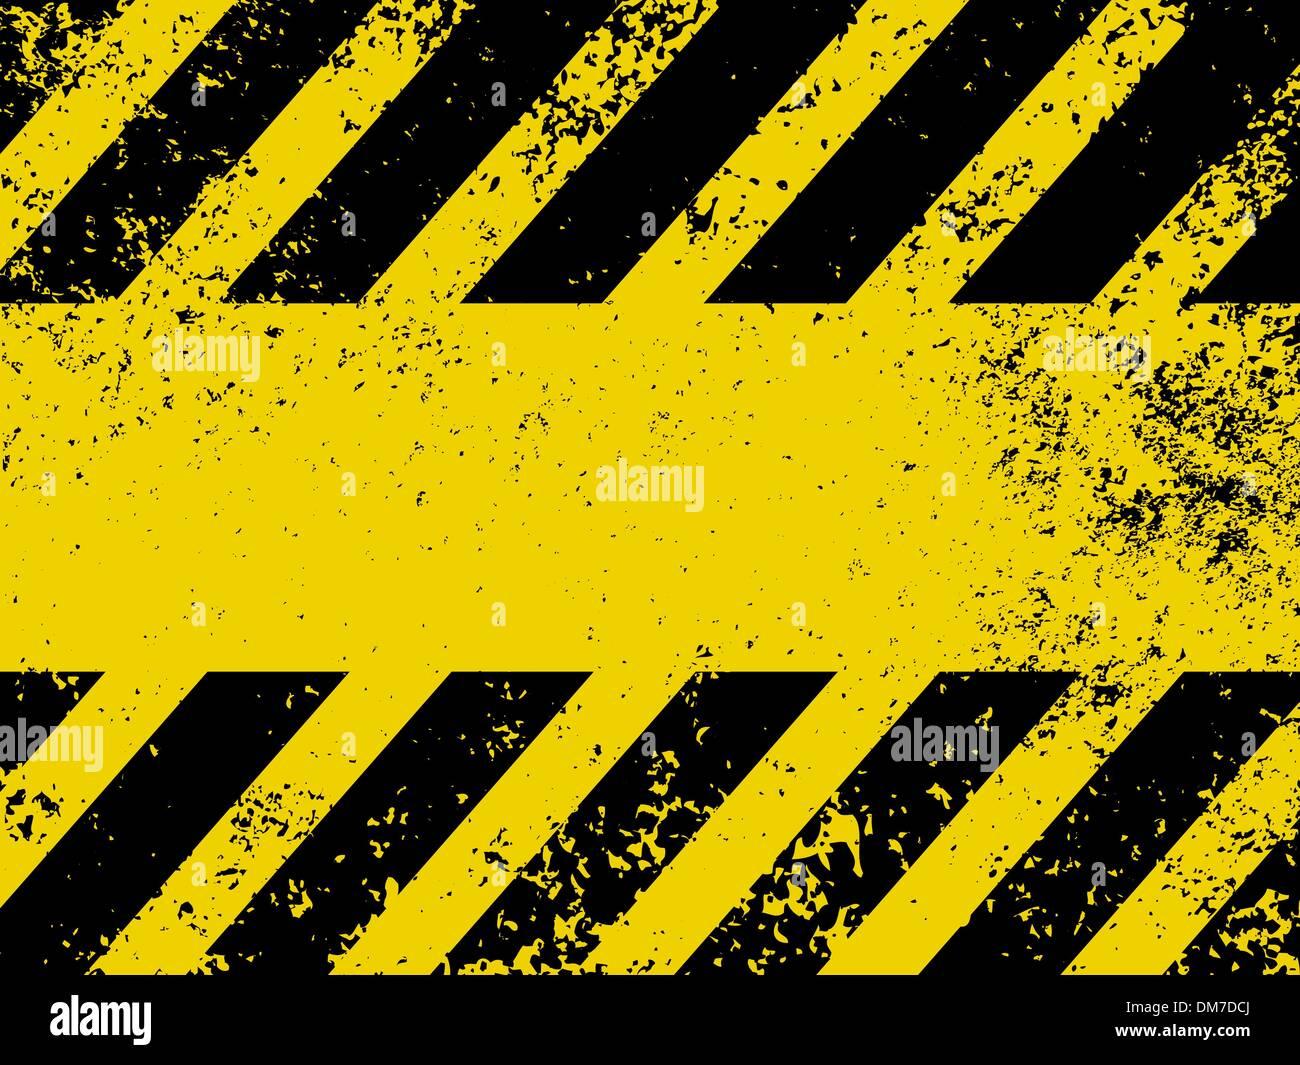 Un grungy e usurate strisce pericolo texture. EPS Immagini Stock